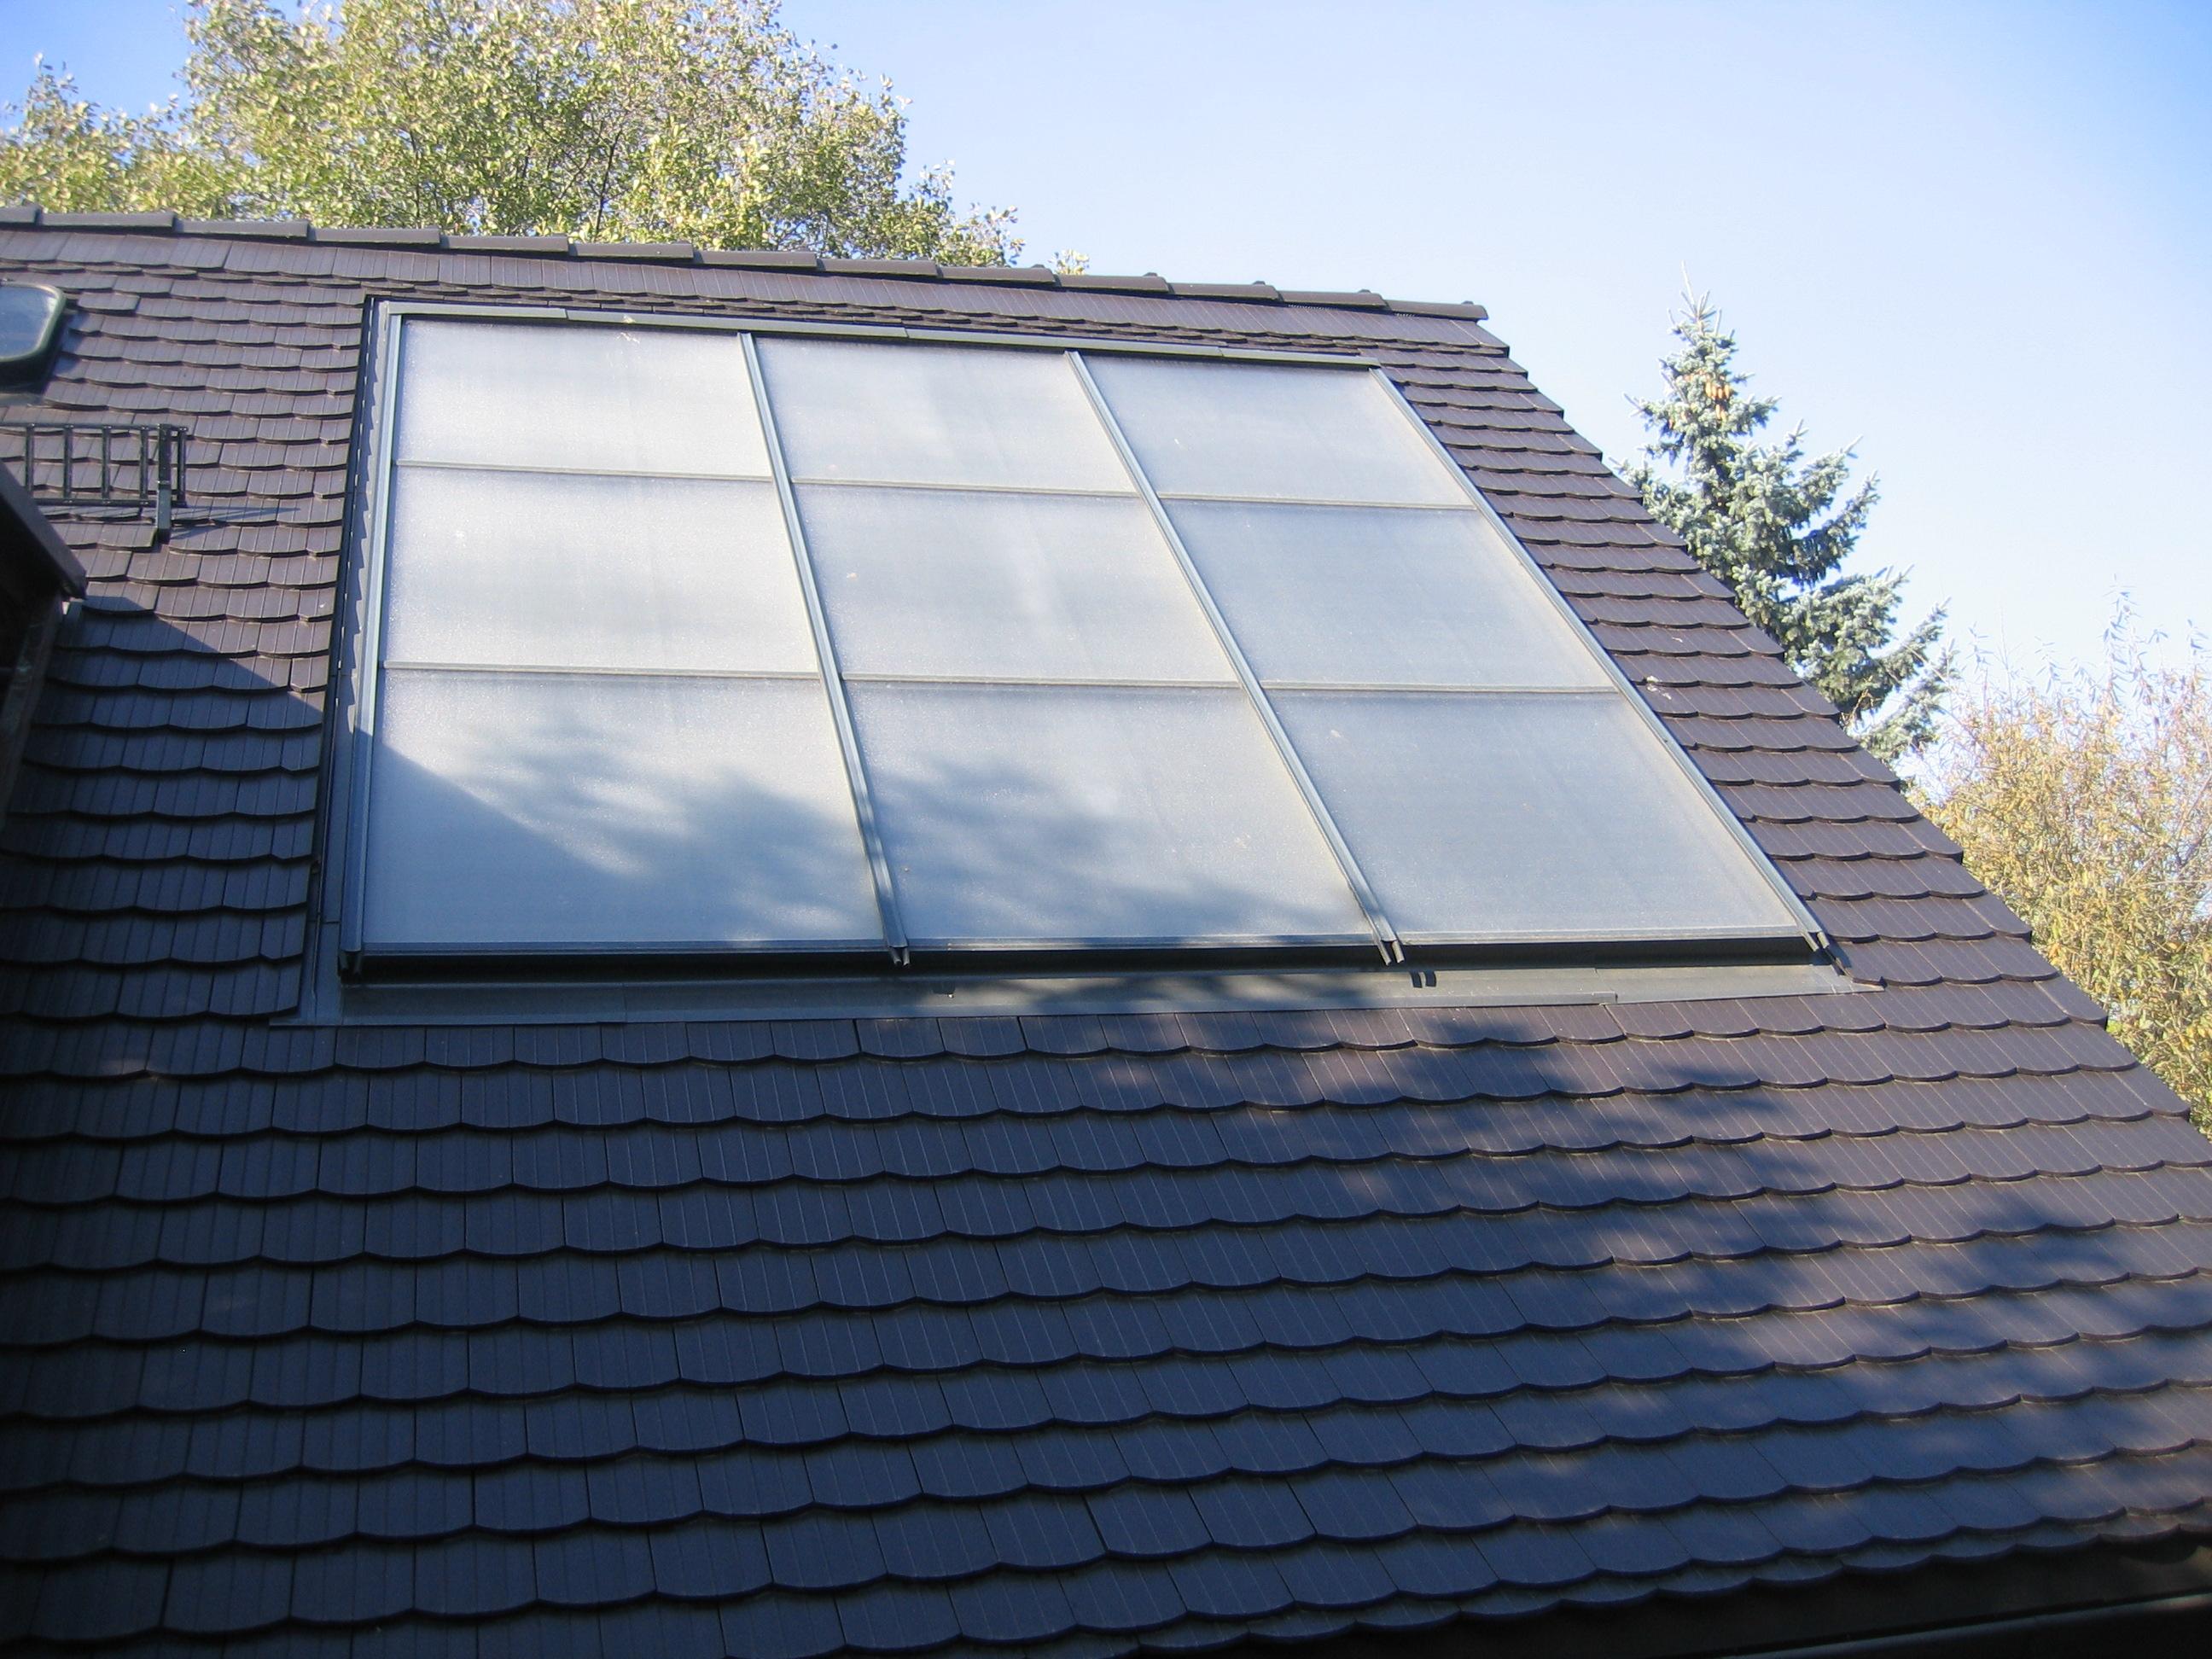 Blinkendes Dach kann nicht kanten